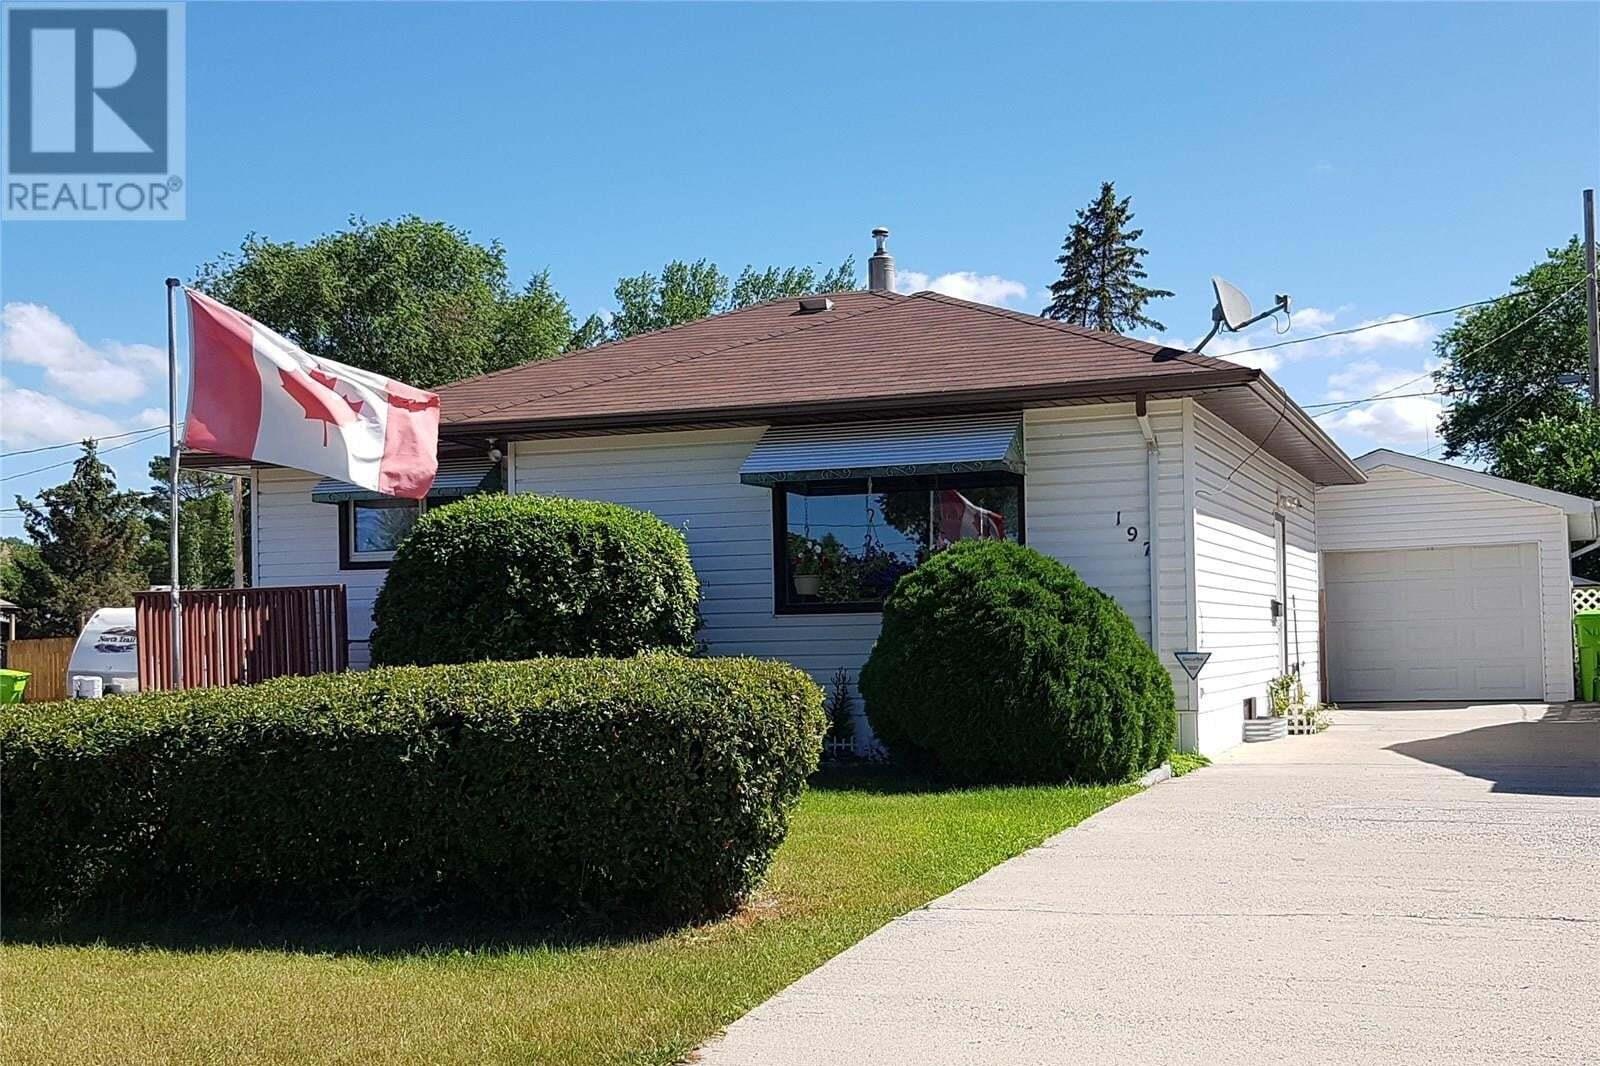 House for sale at 197 Neeping Ave N Fort Qu'appelle Saskatchewan - MLS: SK820835